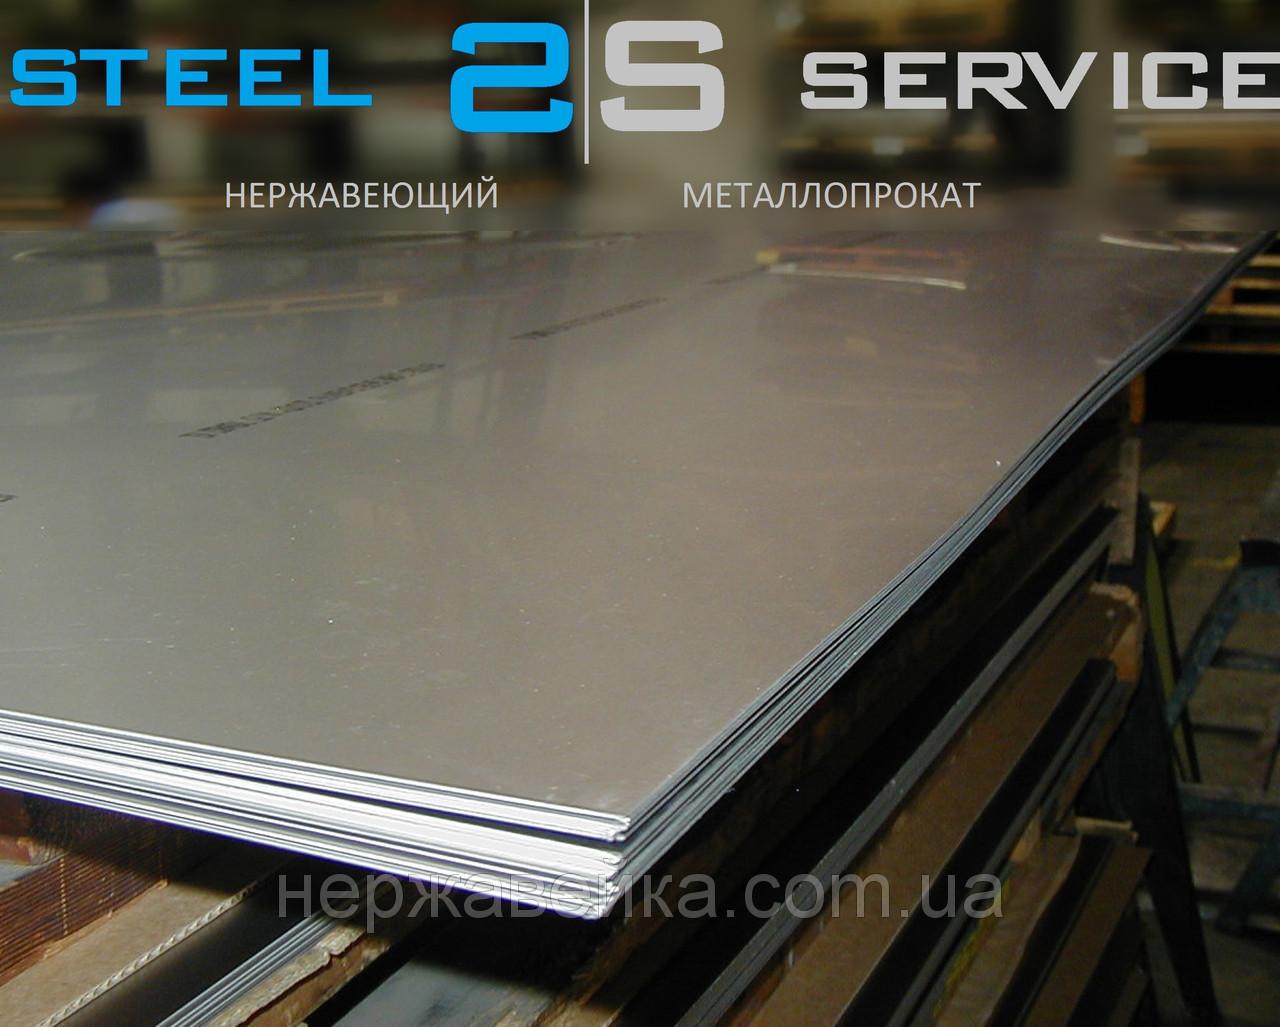 Нержавейка лист 30х1500х3000мм  AISI 321(08Х18Н10Т) F1 - горячекатанный,  пищевой